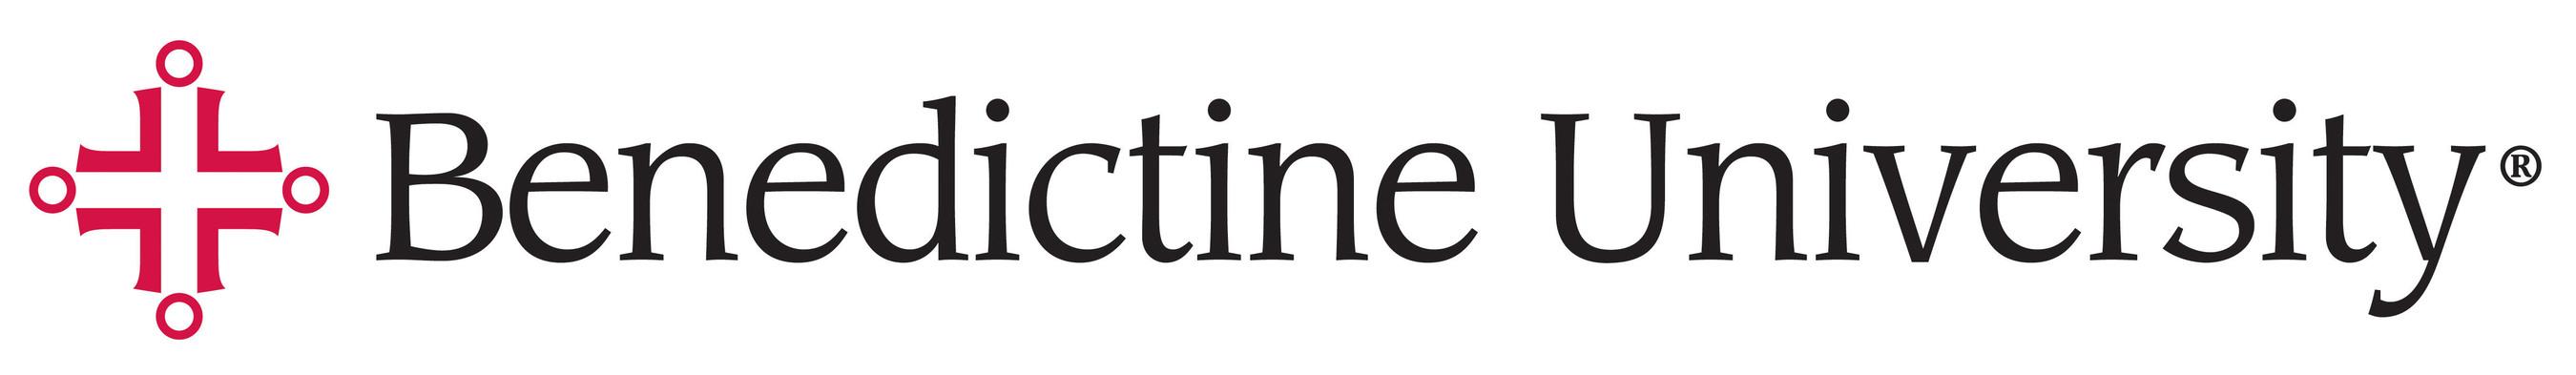 Benedictine University Logo.